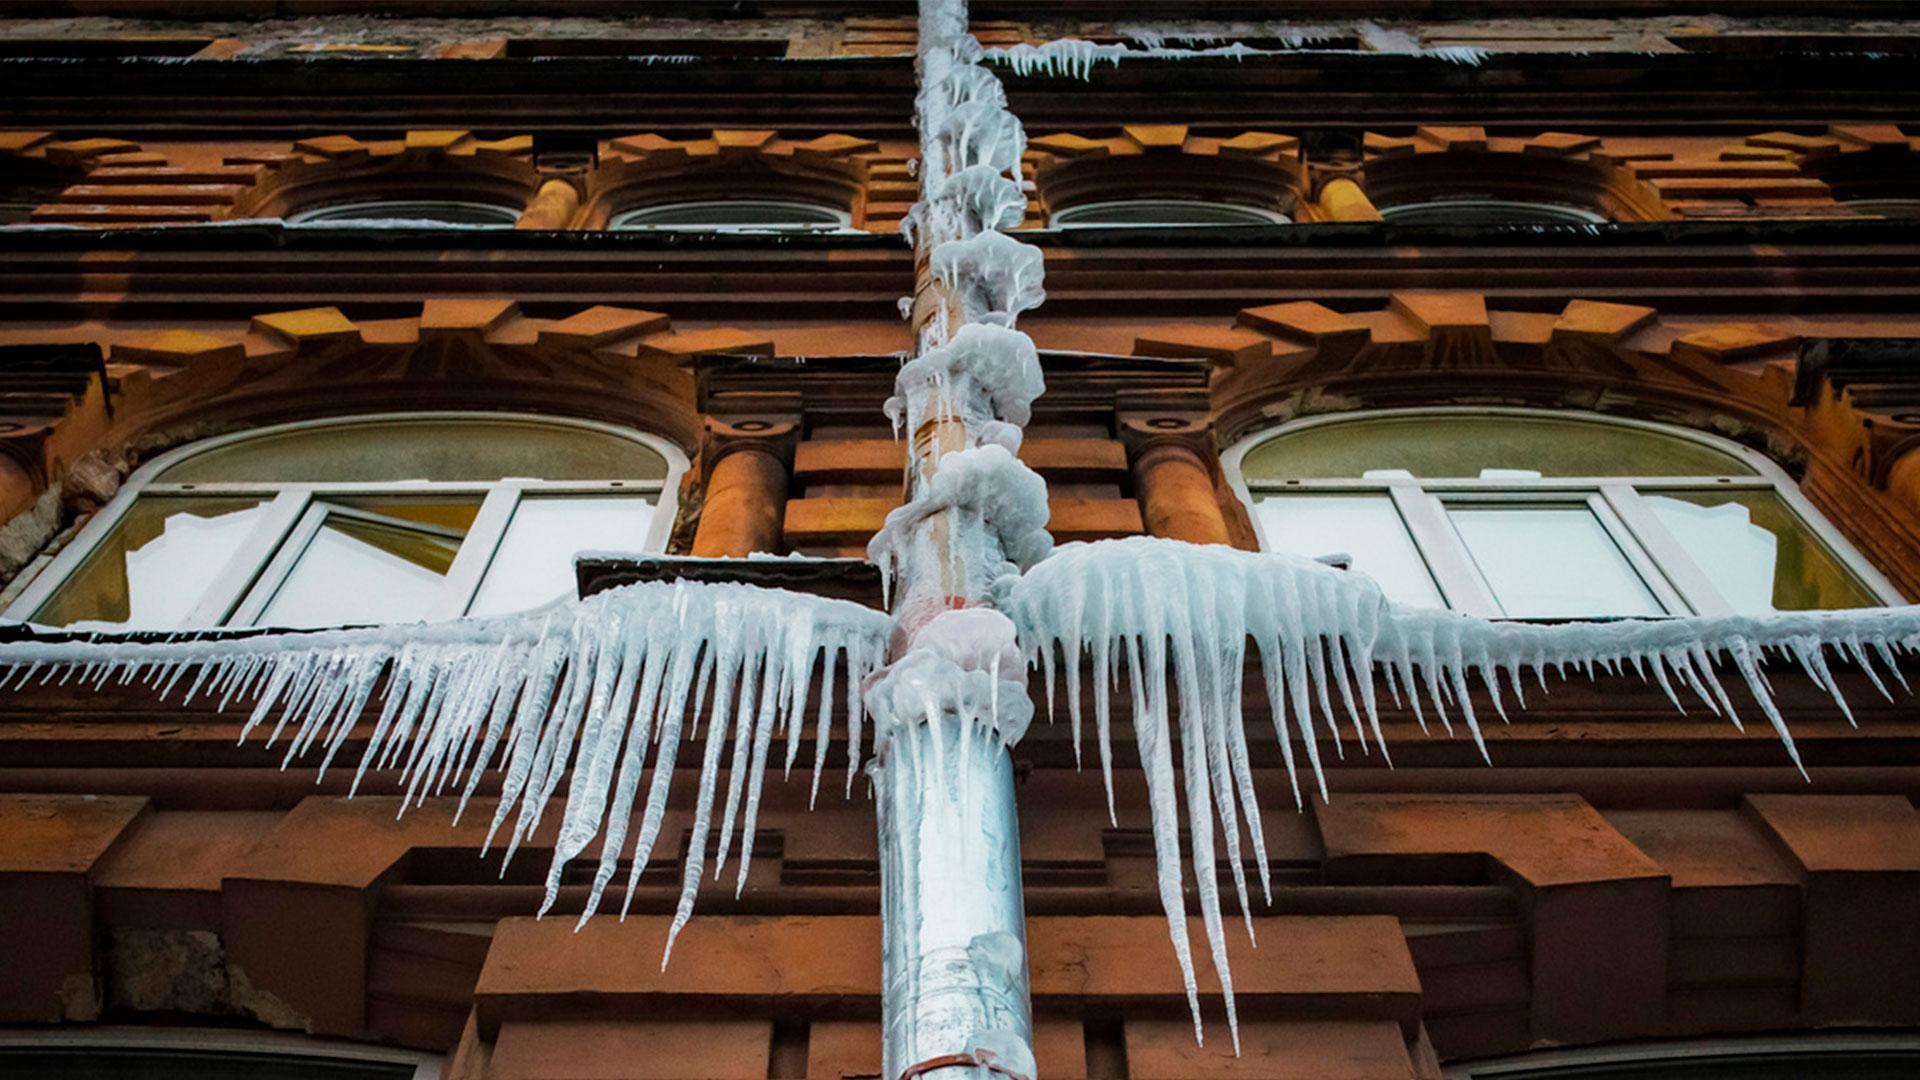 В Петербурге за четыре года зафиксировано 155 случаев падения снега с крыш.